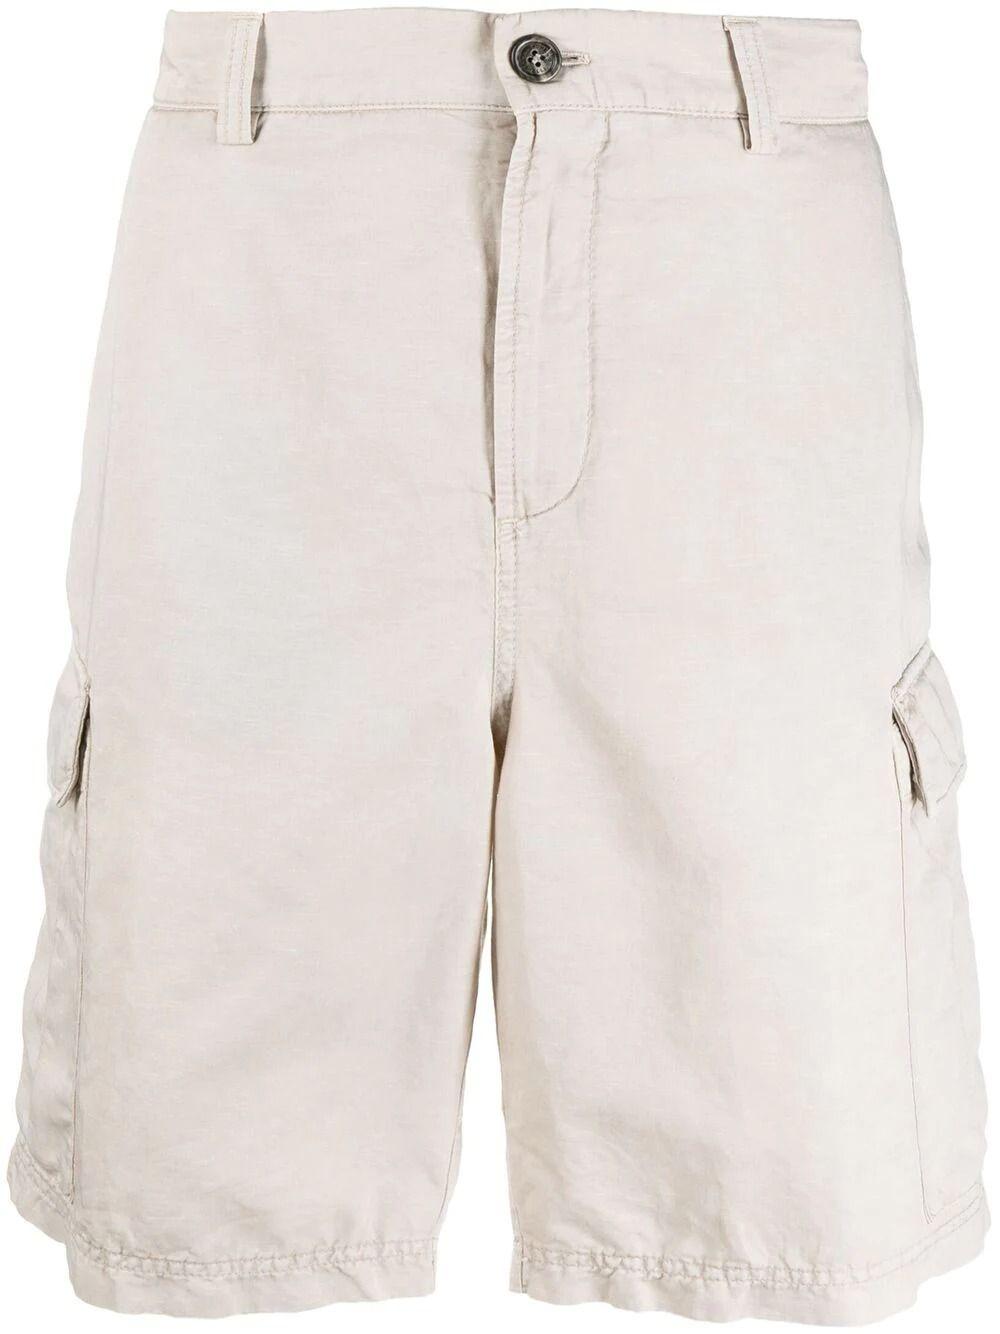 Brunello Cucinelli Shorts BRUNELLO CUCINELLI MEN'S BEIGE COTTON SHORTS